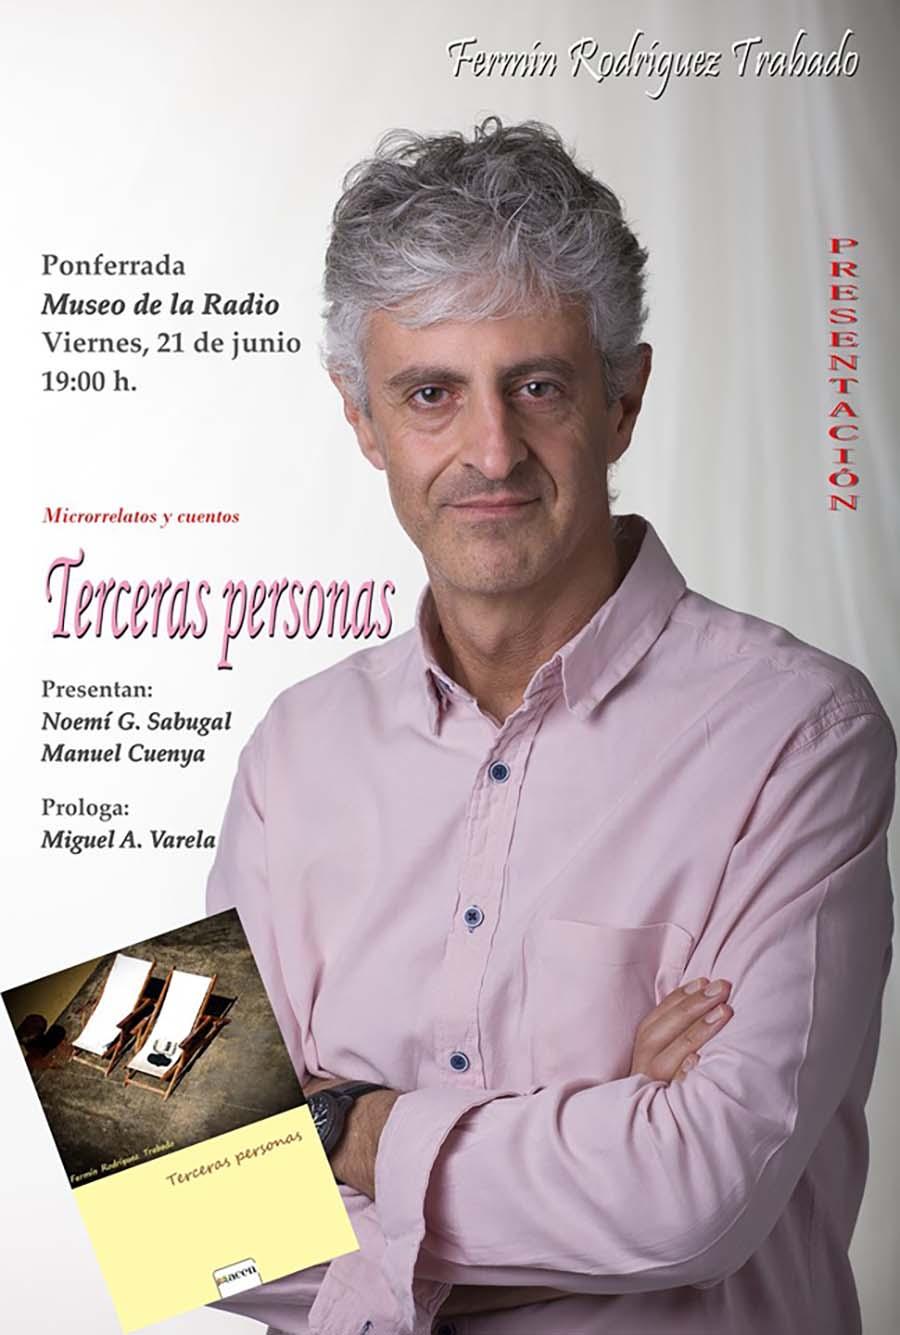 cartel presentacion terceras pesonas fermin rodirguez trabado museo radio ponferrada el bierzo